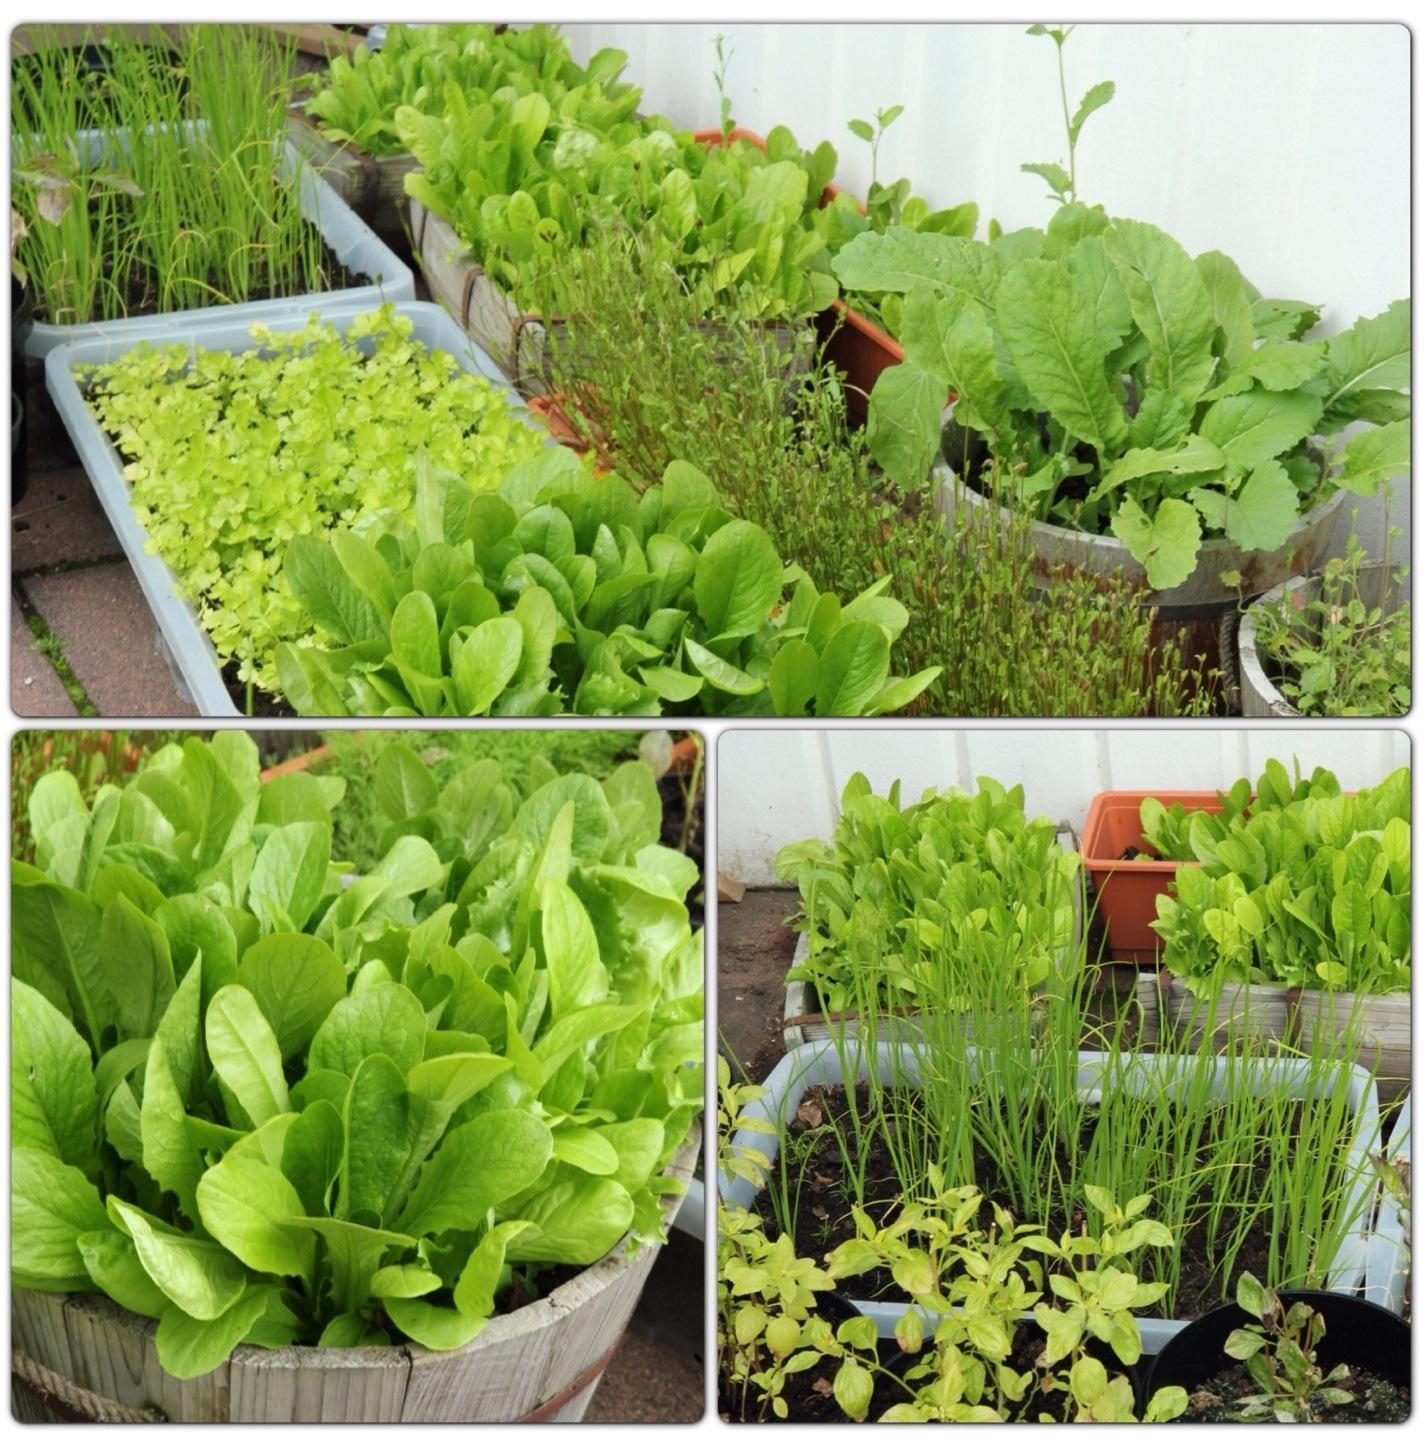 10 วิธีปลูกผักสวนครัวในกระถาง มีผักสด ๆ ไว้กินที่บ้าน